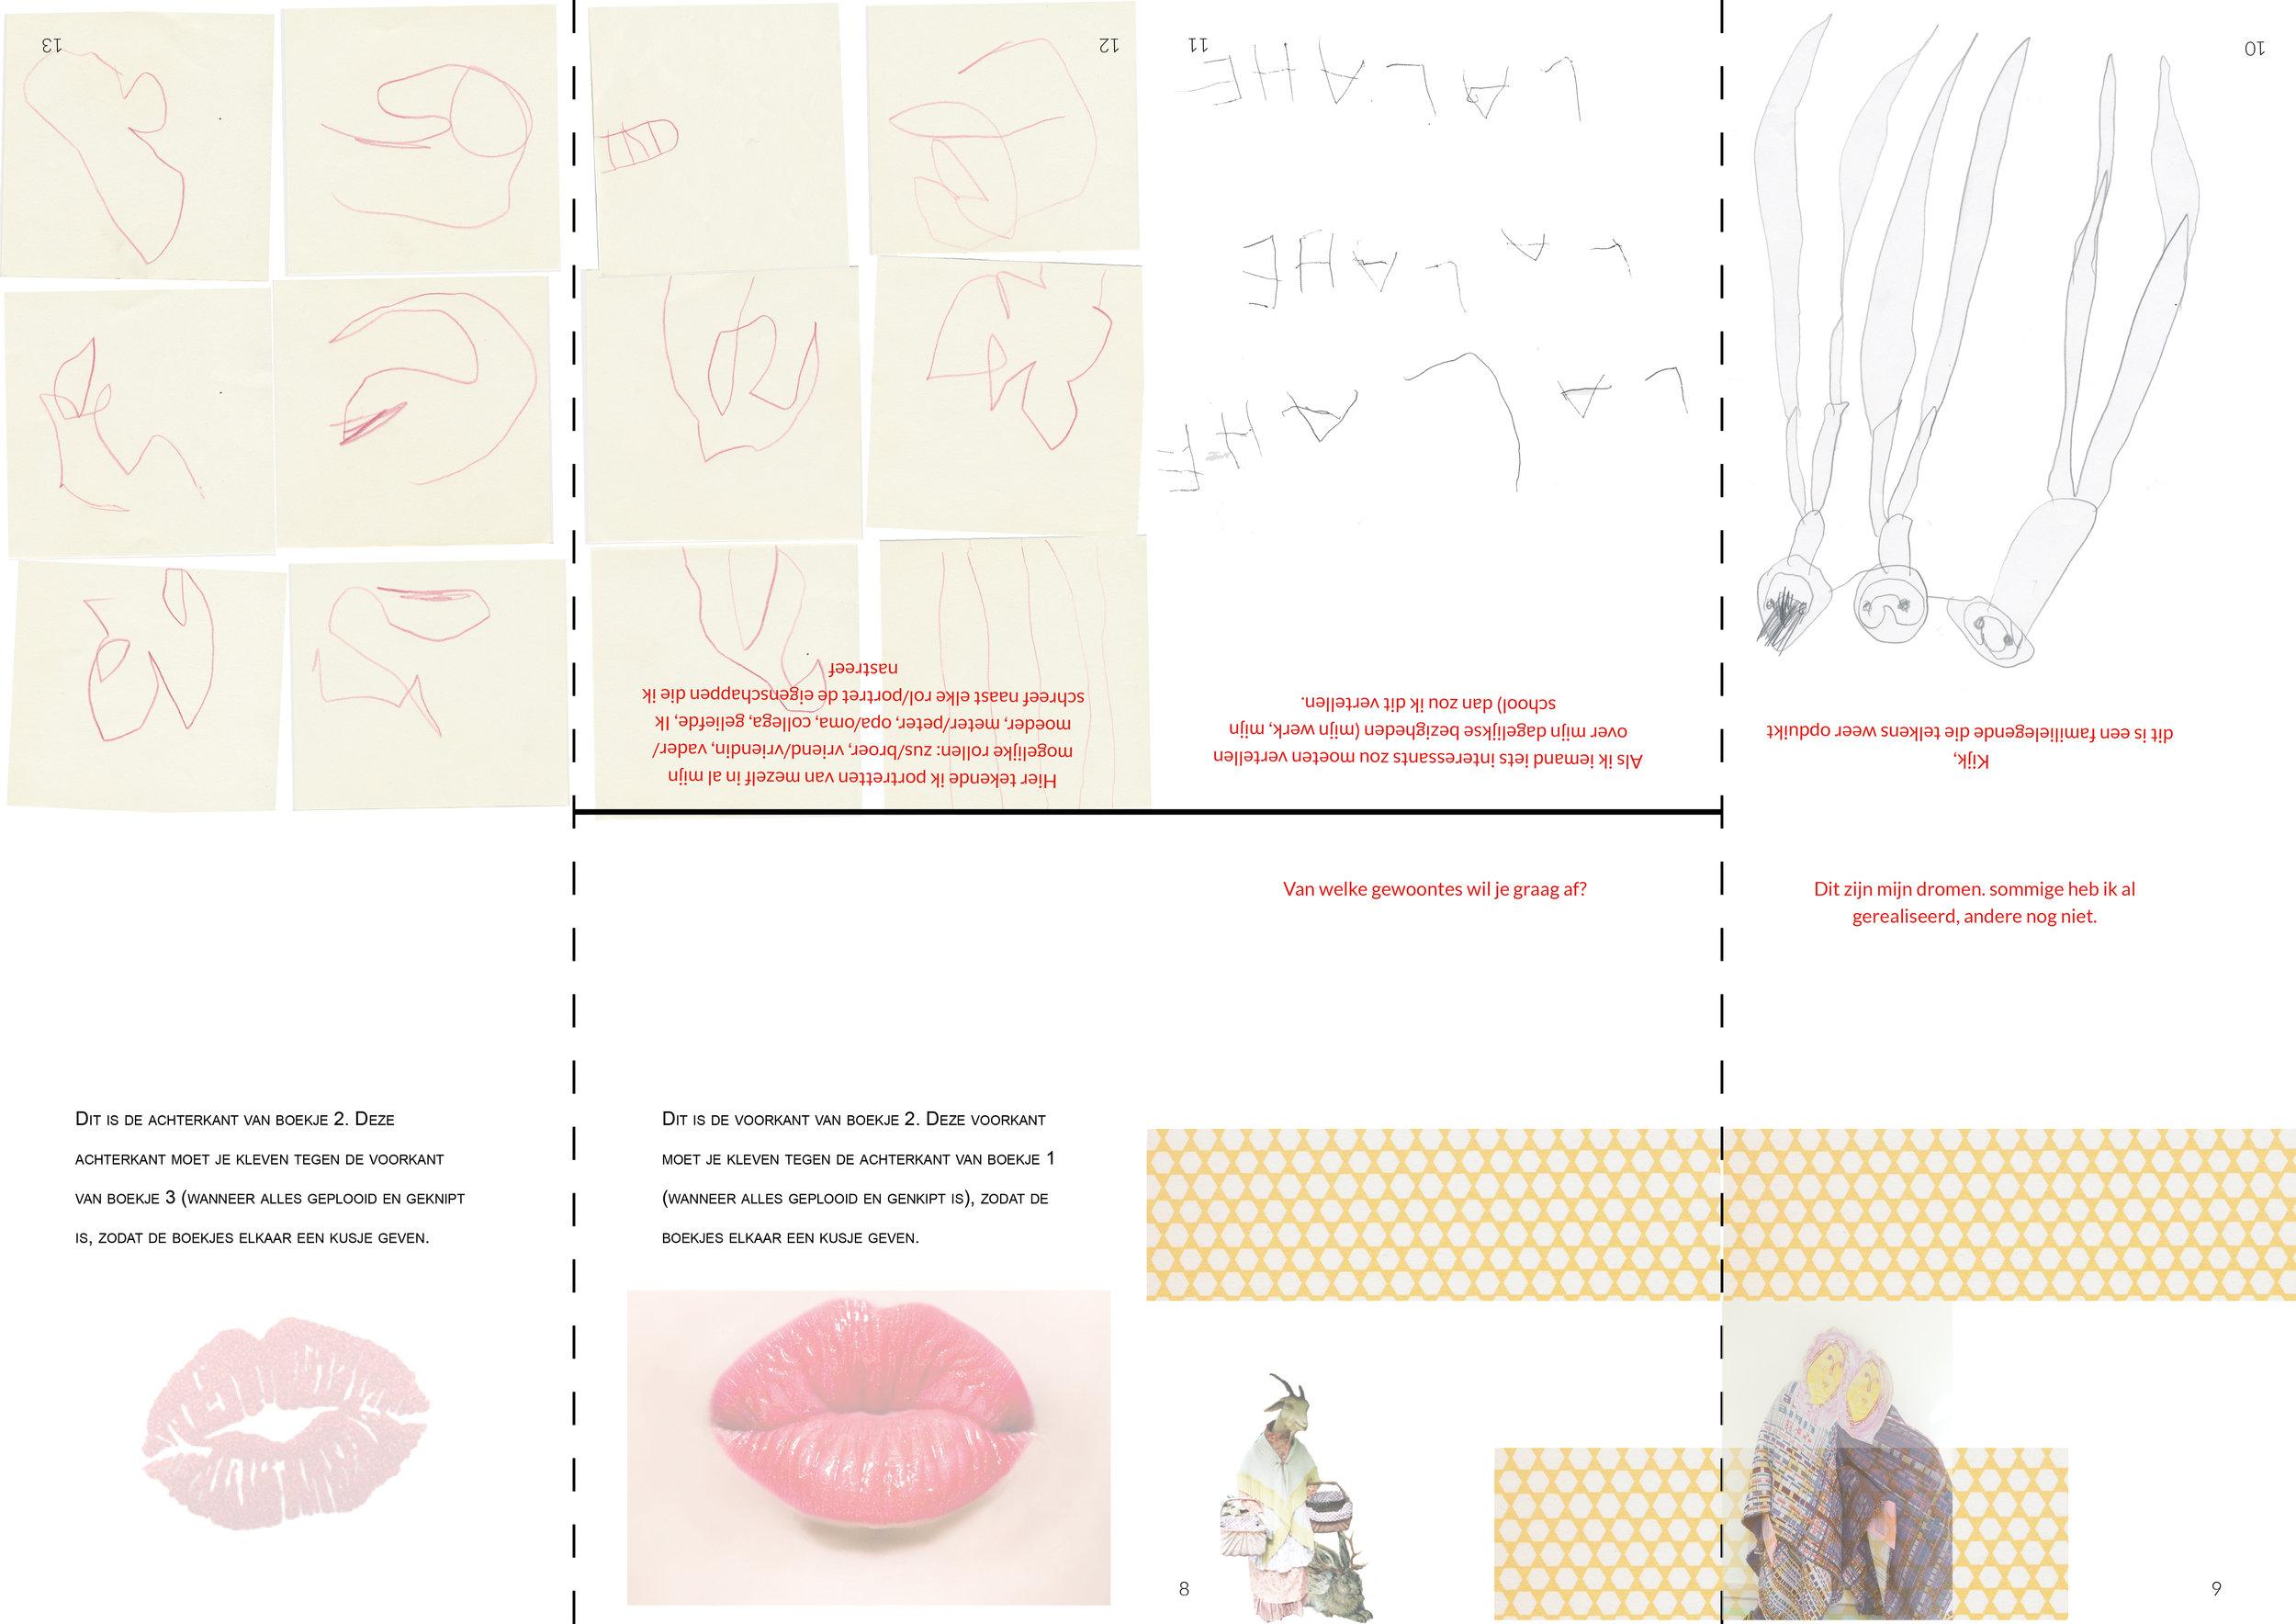 dit is blad 2 van de pdf